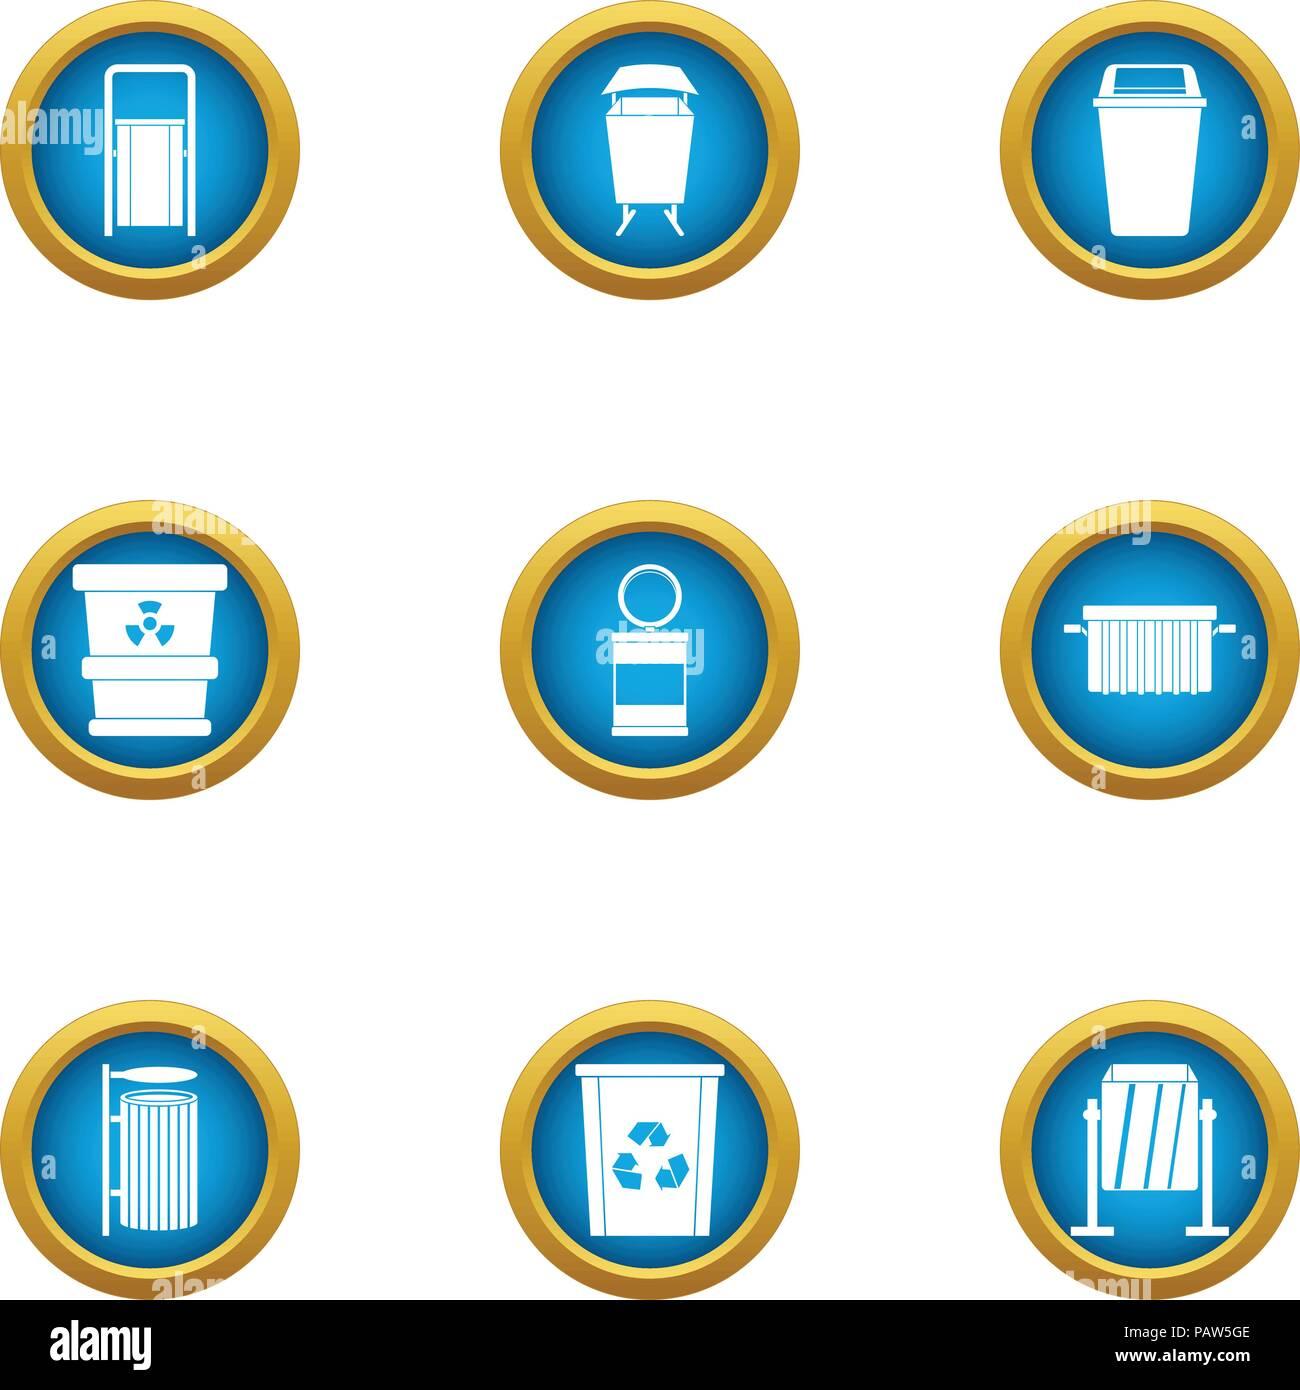 Composición elemental, conjunto de iconos de estilo plano Imagen De Stock